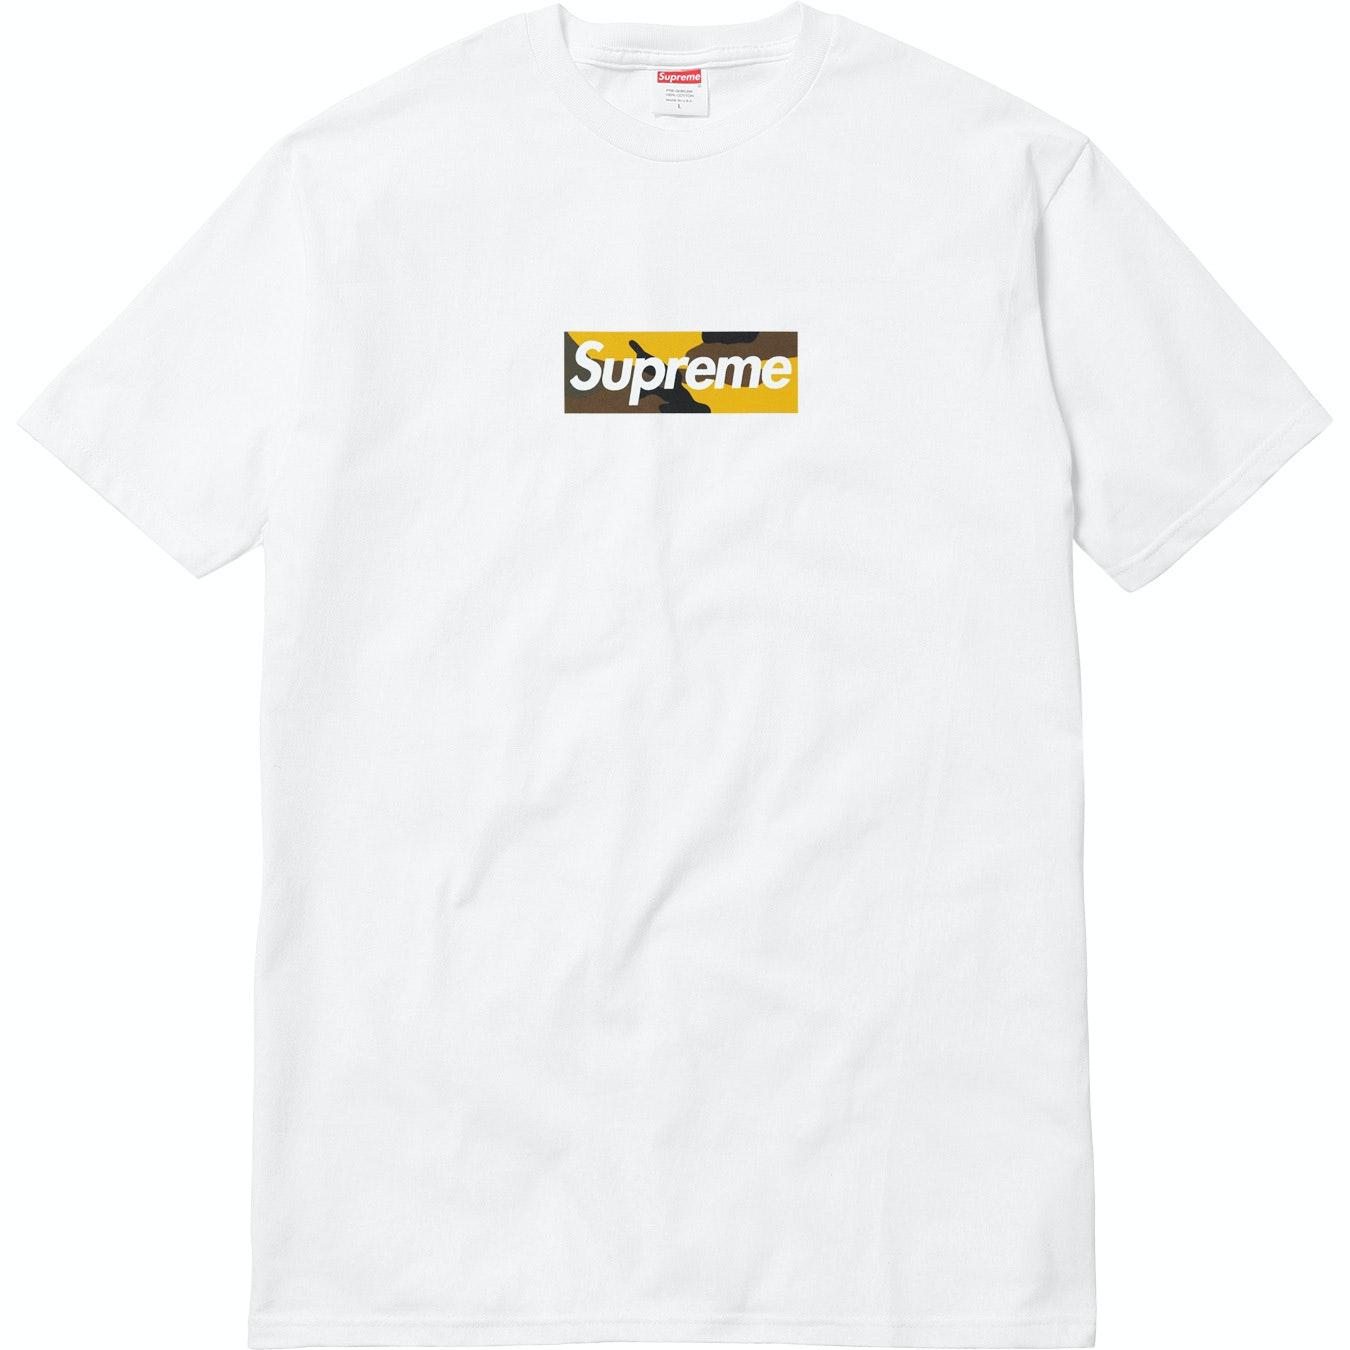 Supreme Brooklyn Box Logo Tee White